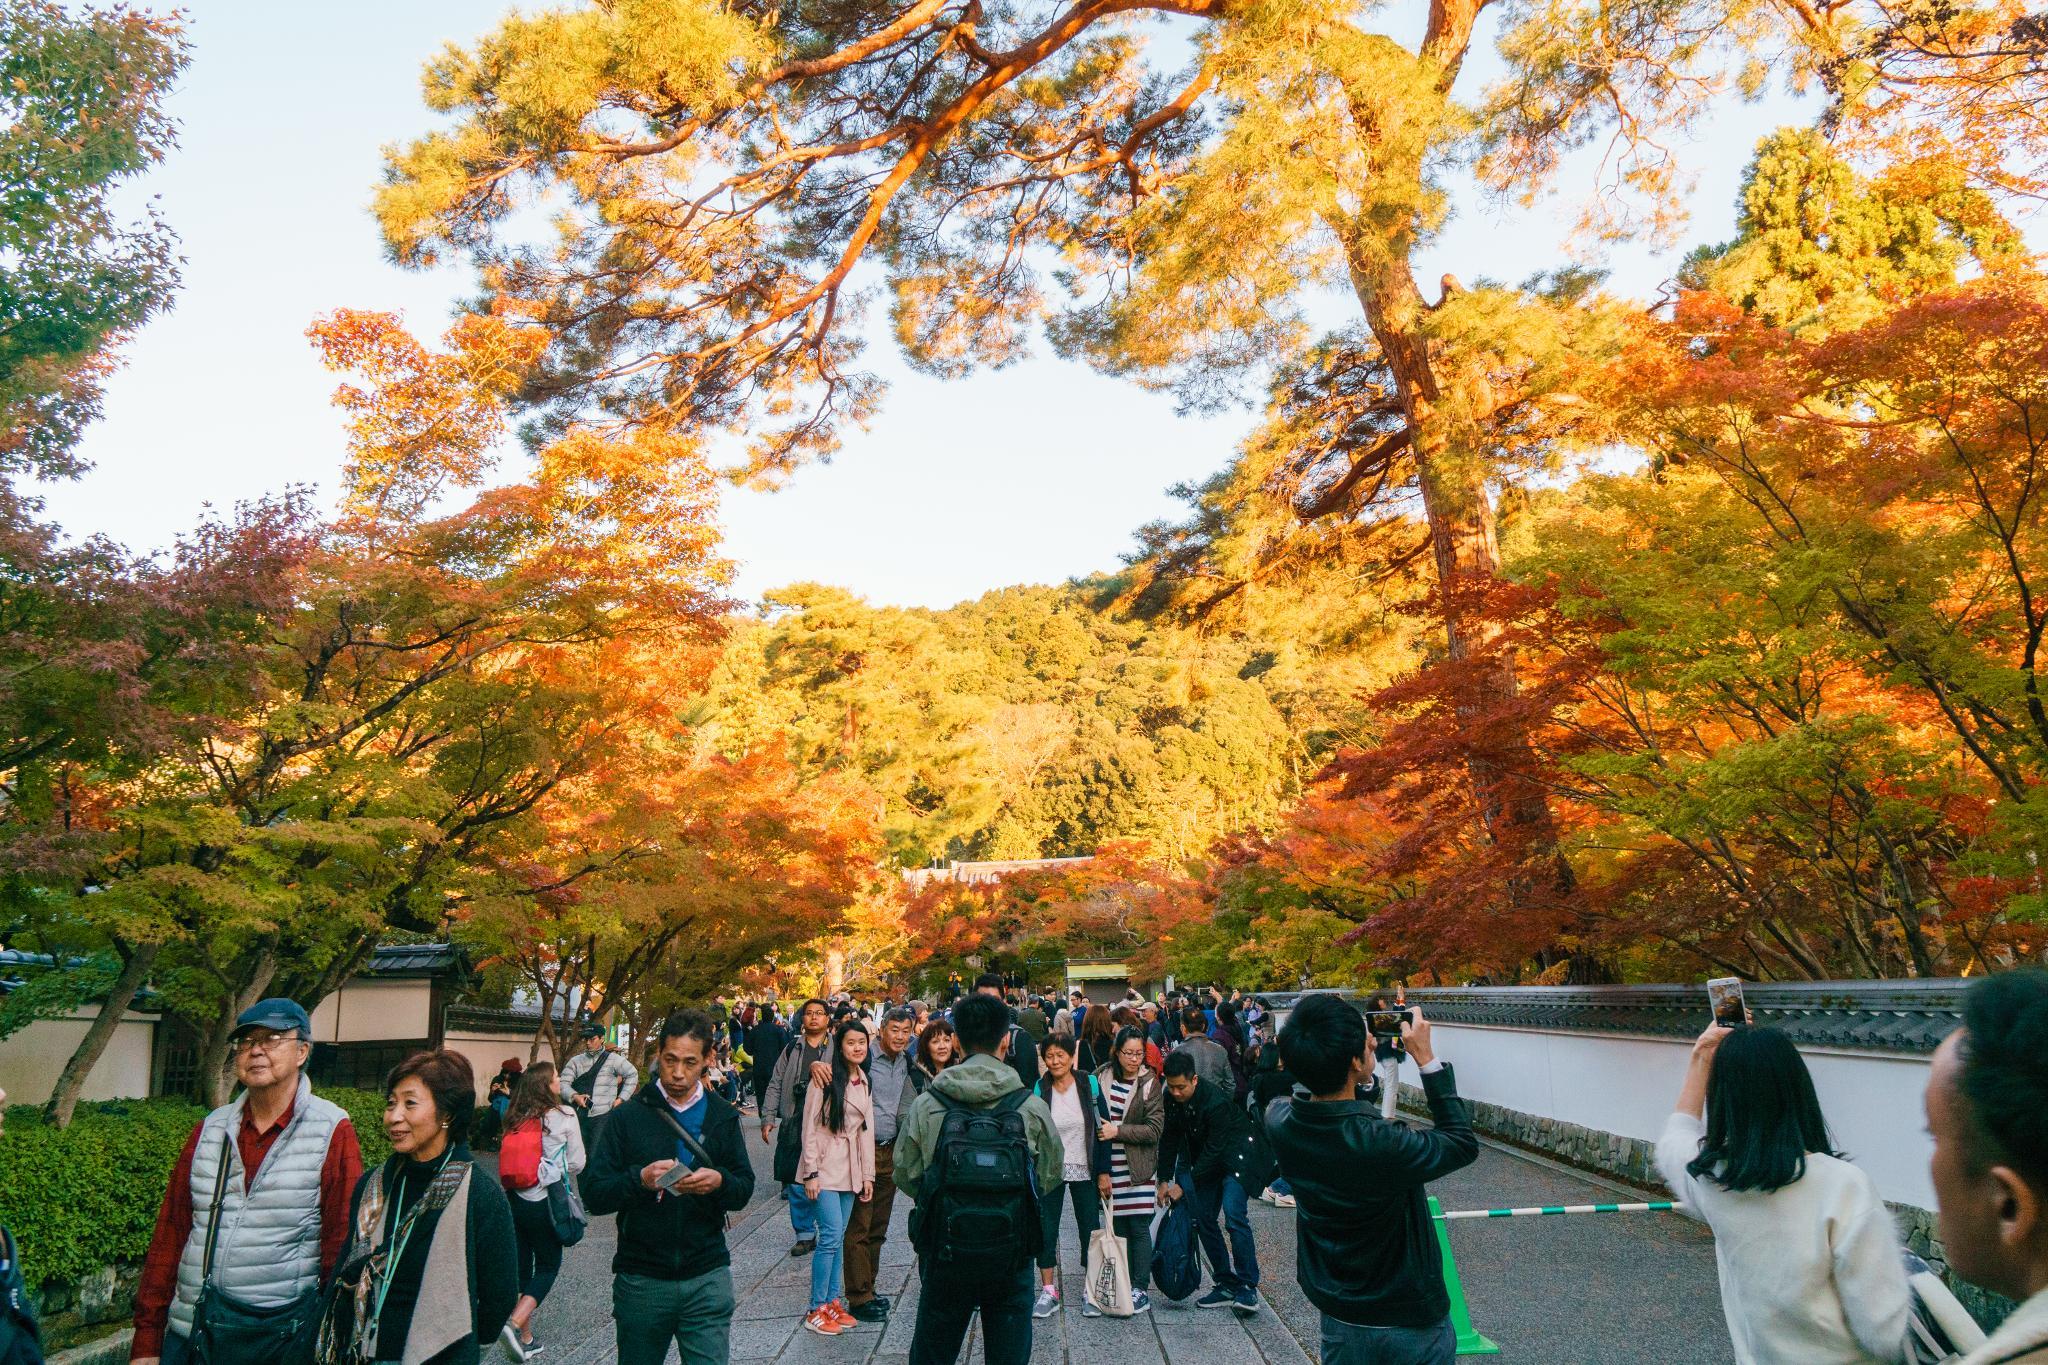 【京都】此生必來的紅葉狩絕景 - 永觀堂夜楓 99